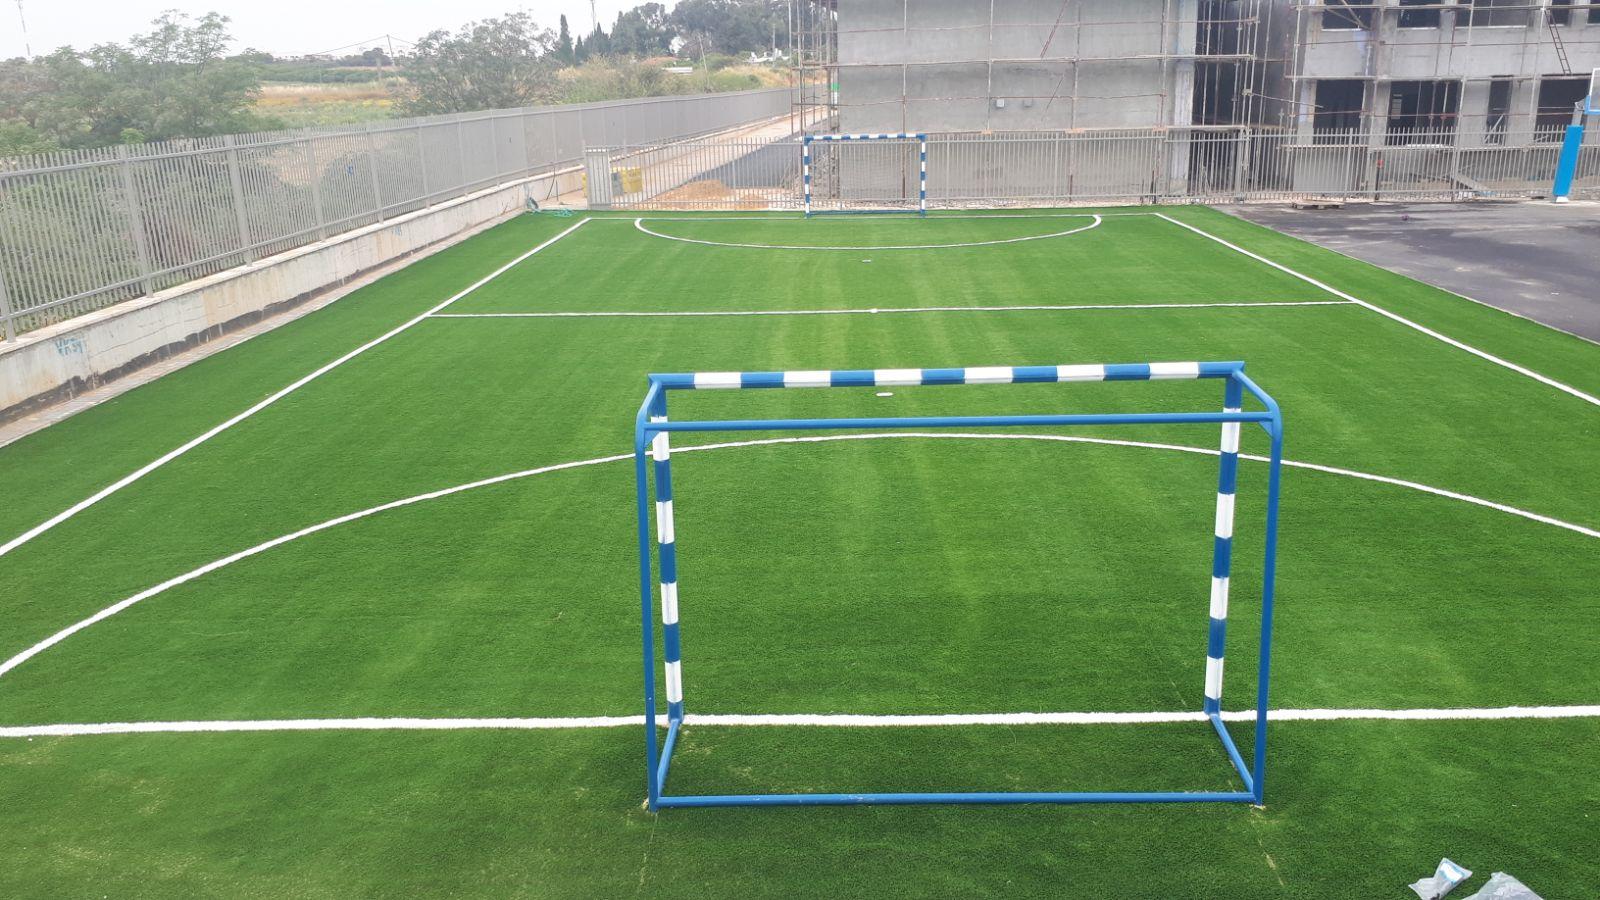 מגרש כדורגל עם דשא סינתטי